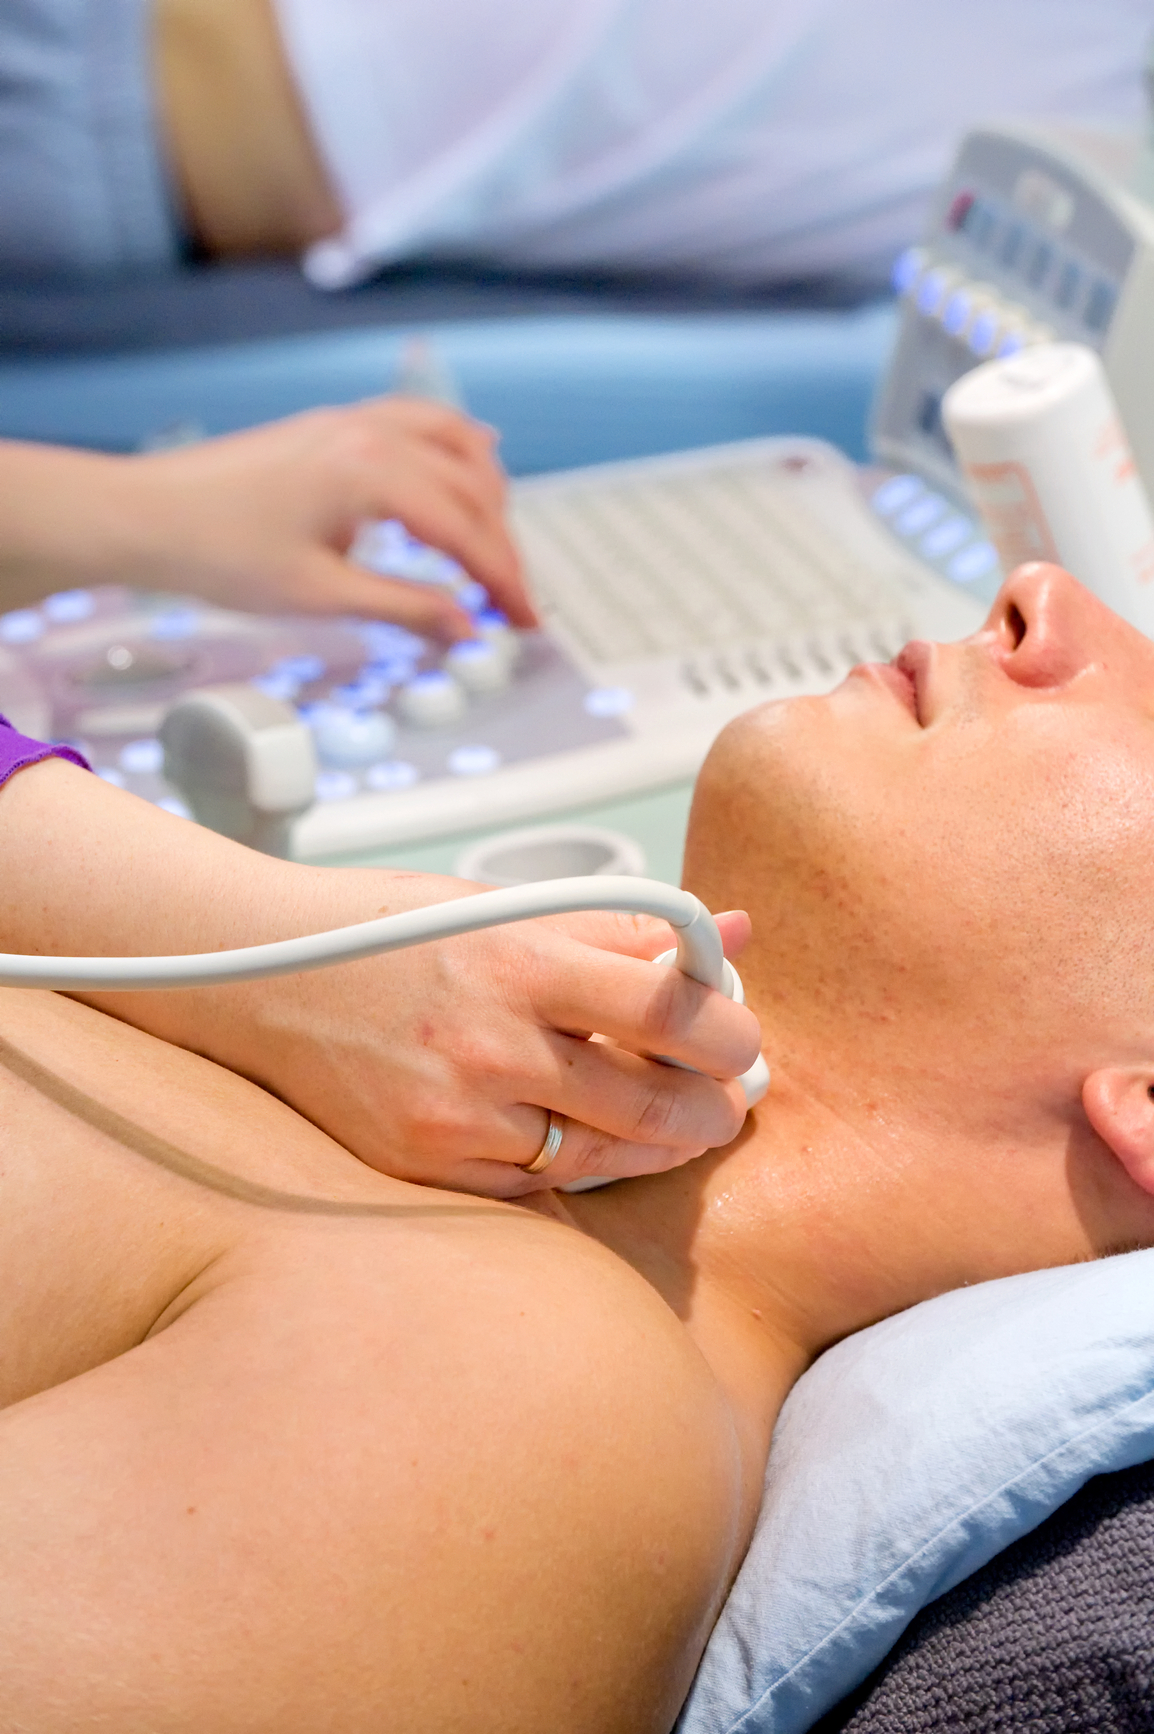 Для профилактики необходимо проходить УЗИ щитовидной железы минимум раз в год.